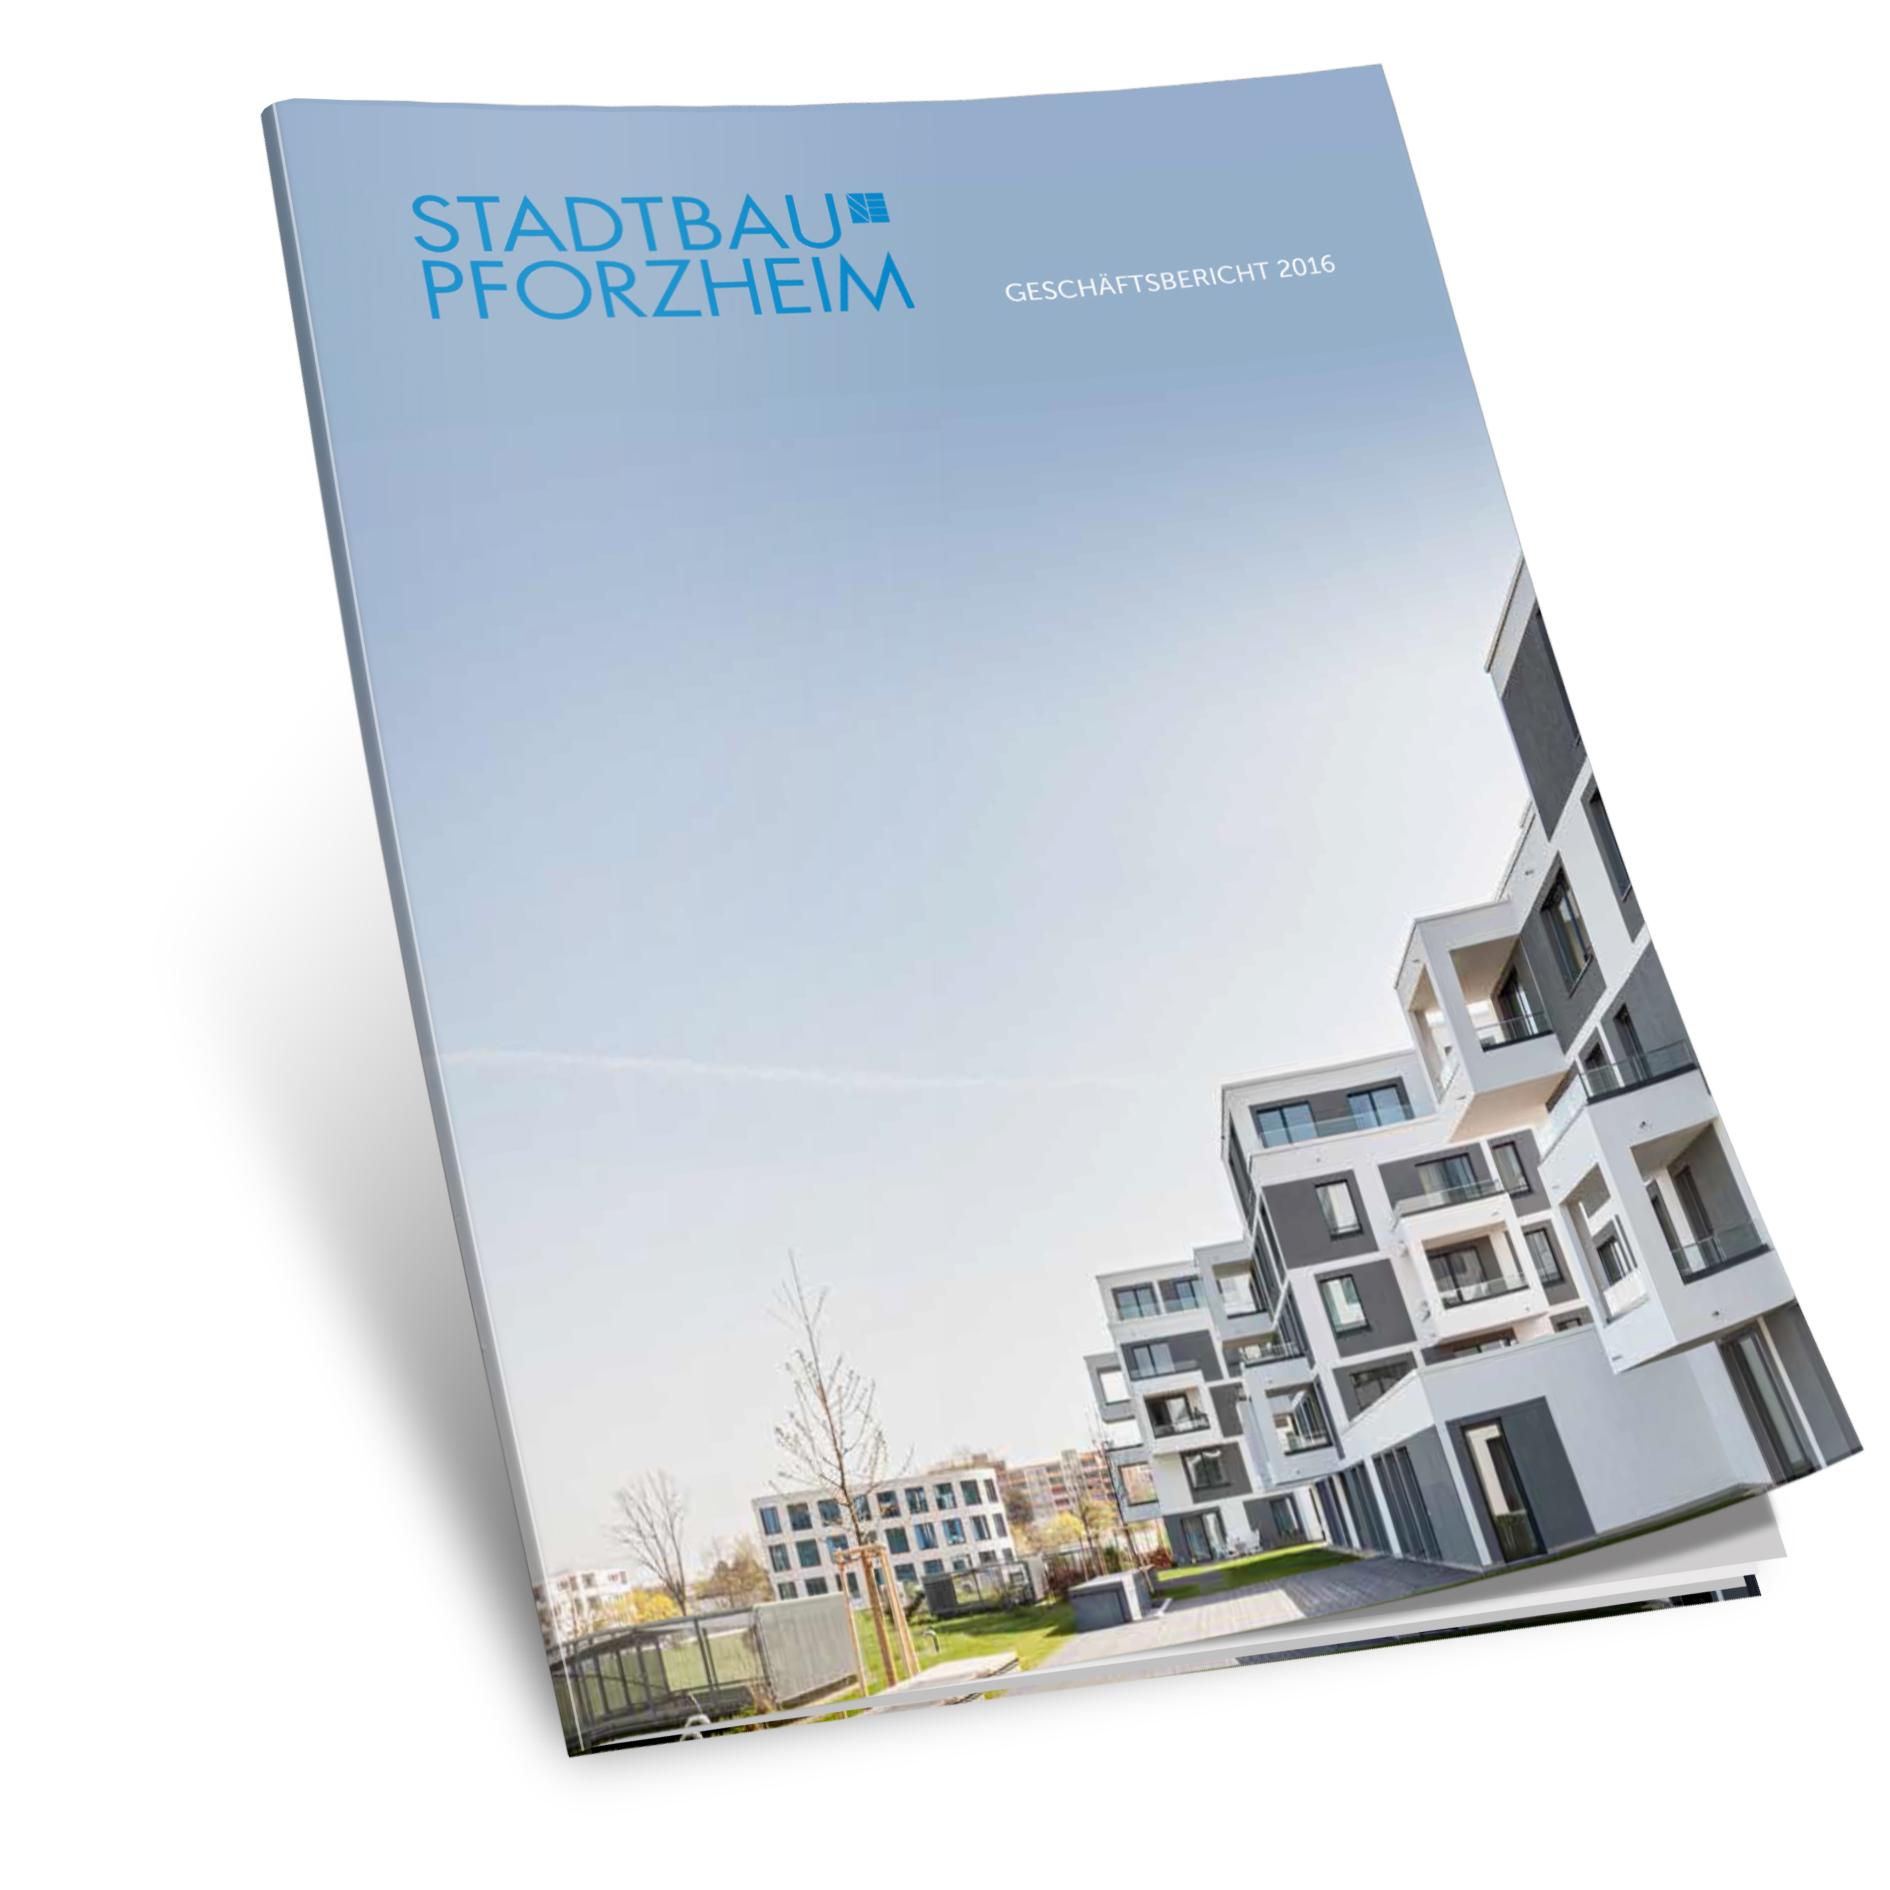 stadtbau-geschaeftsbericht-2016